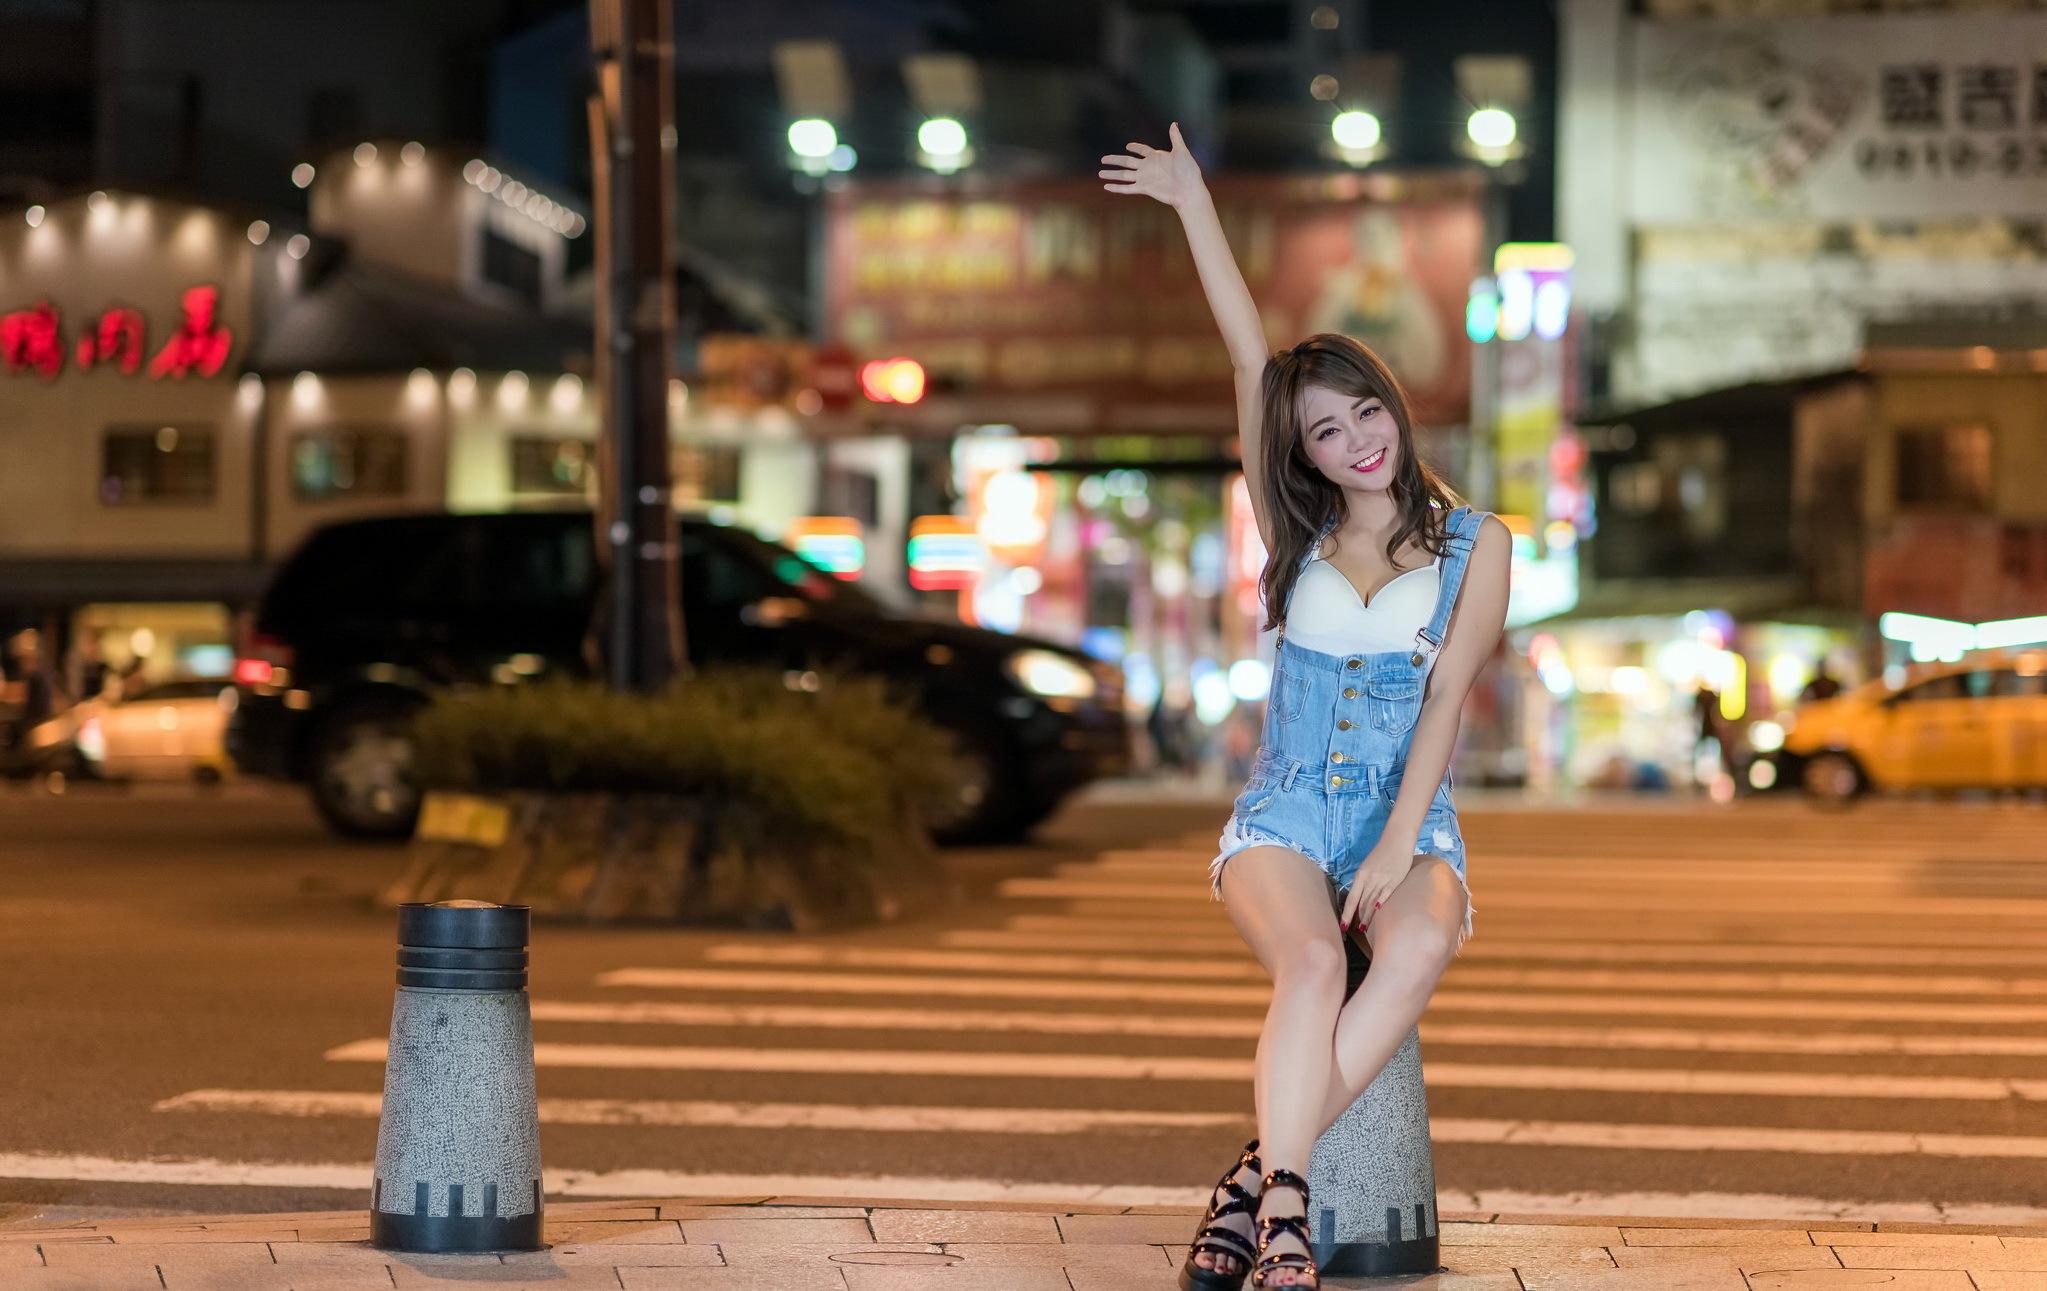 Снять девушку в москве, Проститутки индевидуалки в Москве порублей час 18 фотография